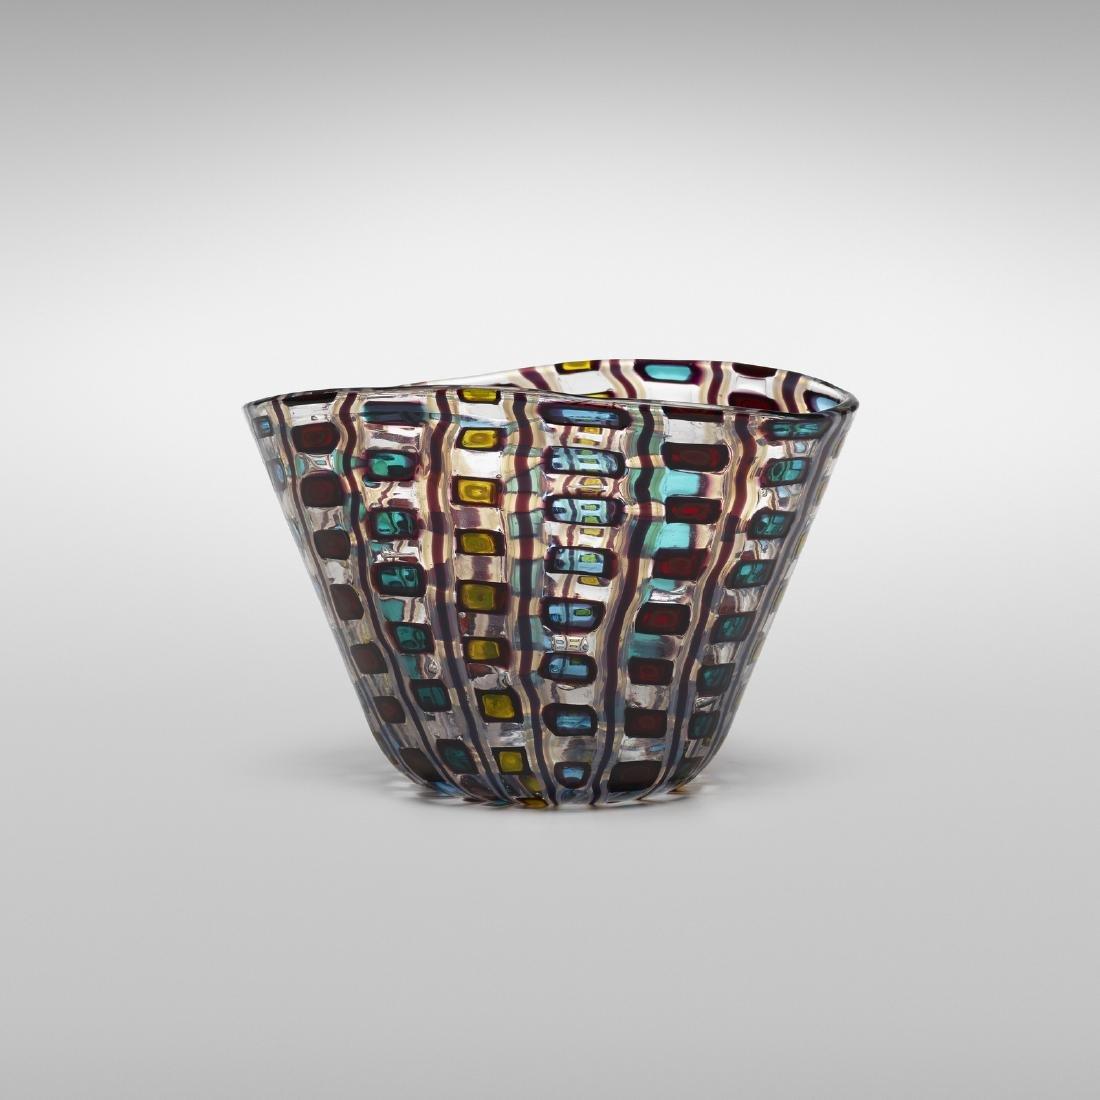 Ercole Barovier, Diamantati bowl